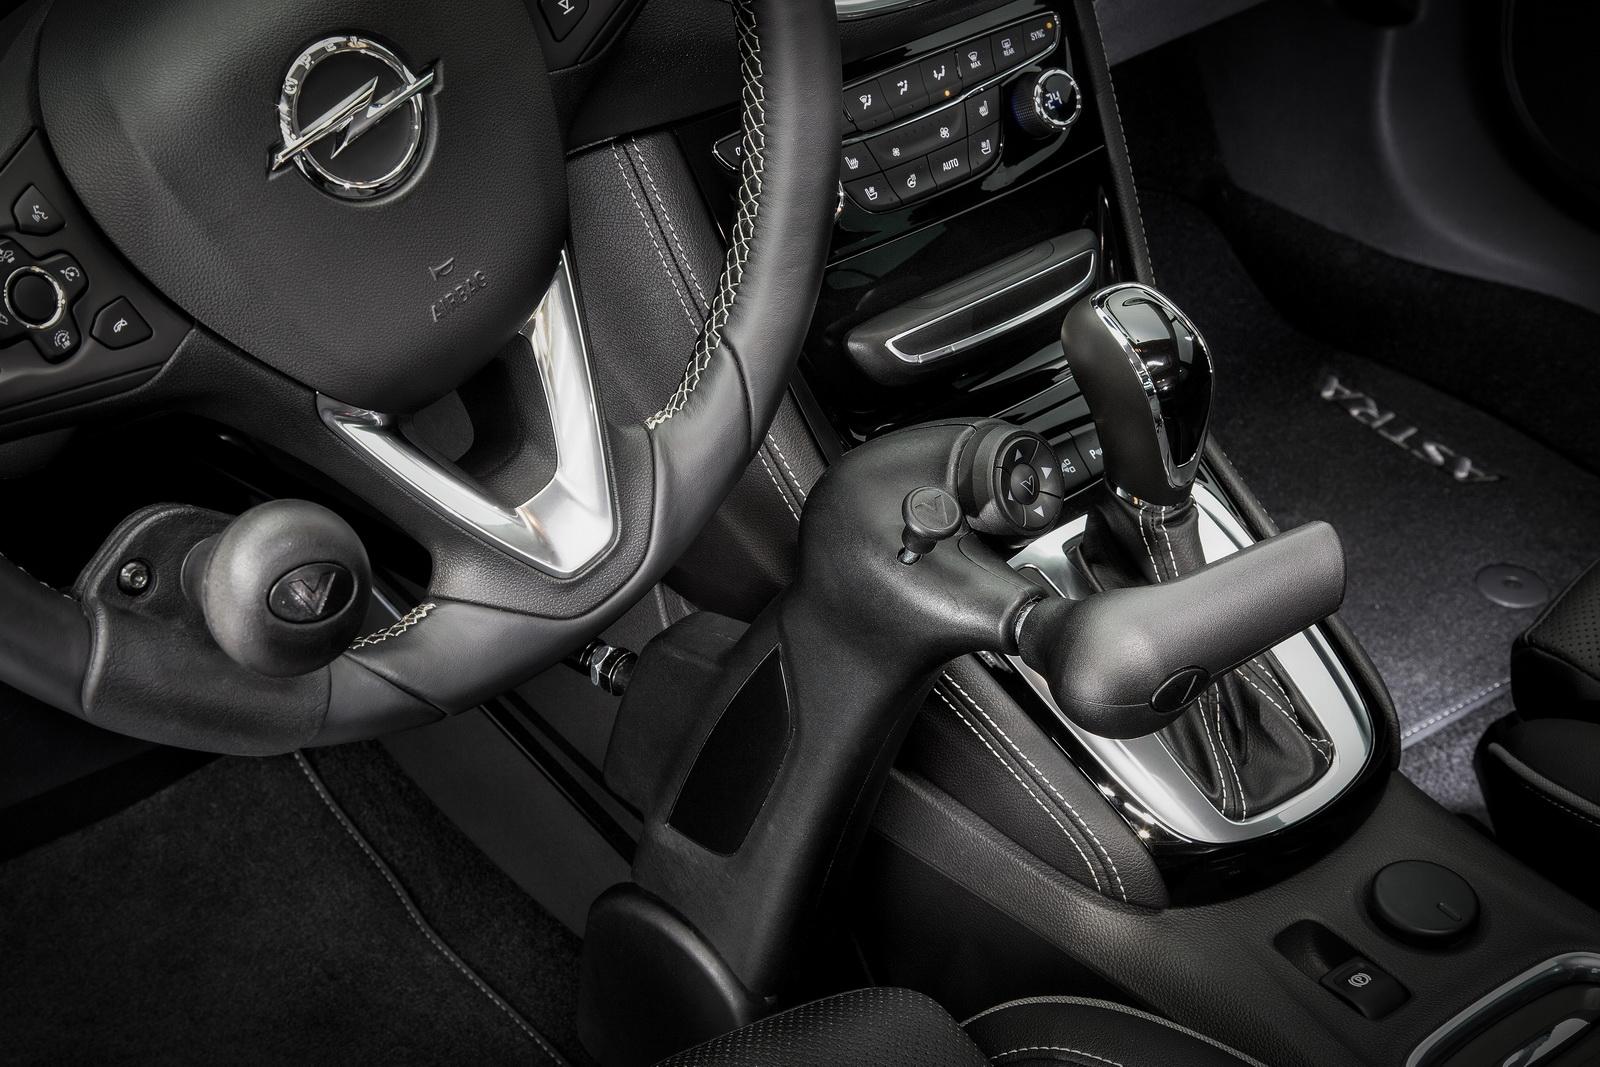 Opel_Astra_Veigel_Commander_06